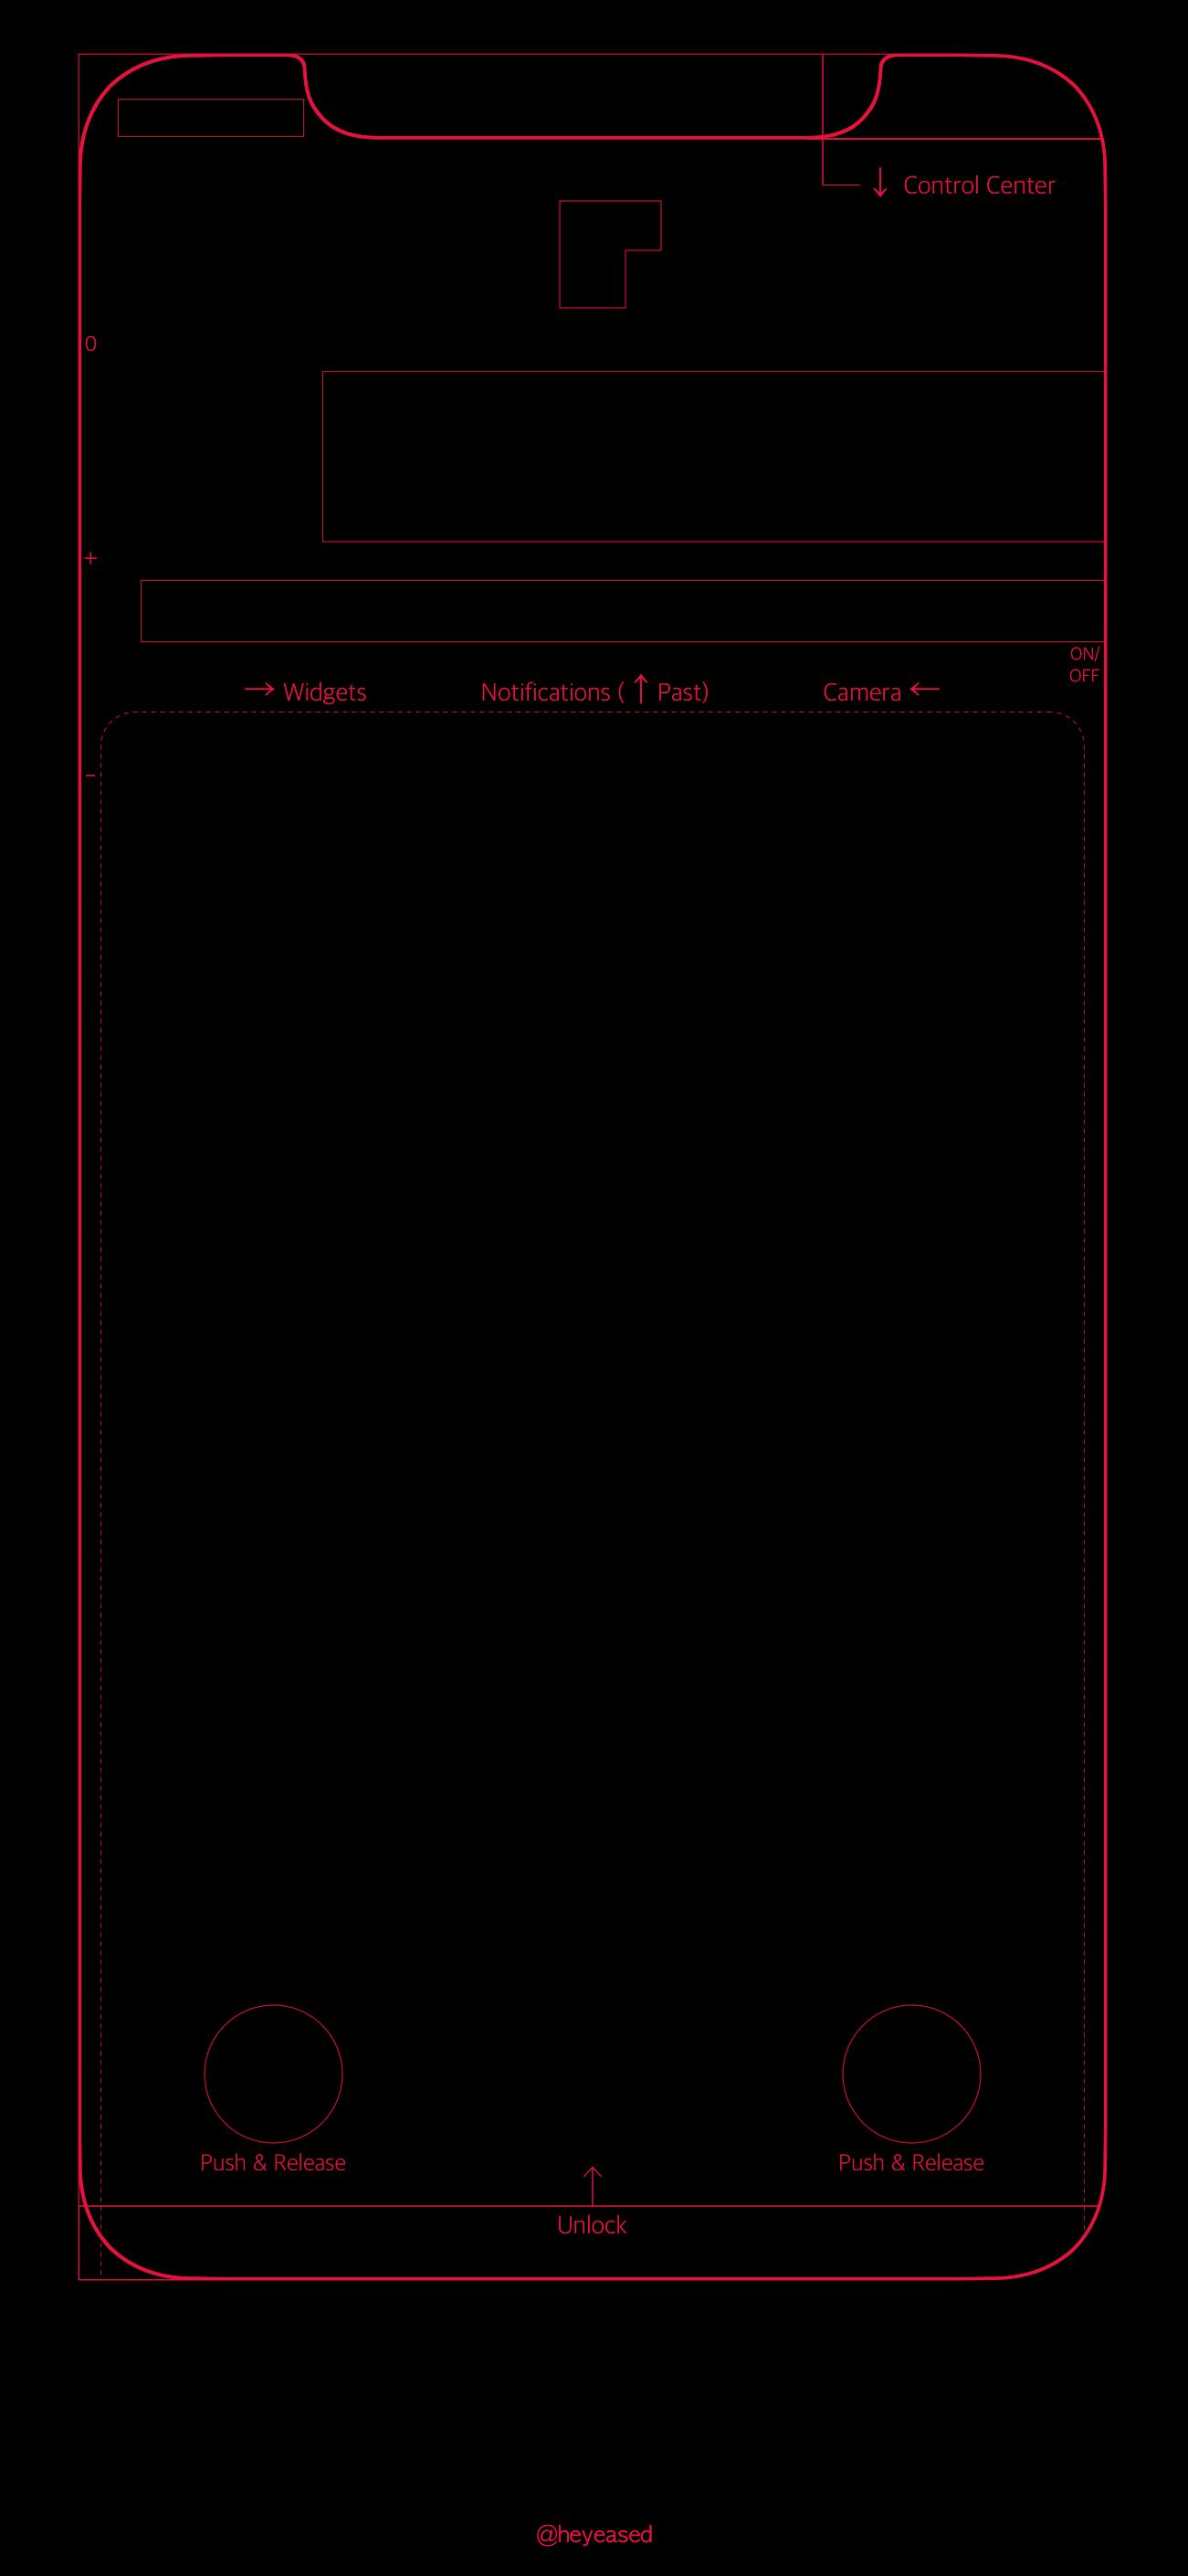 Mời tải bộ ảnh nền theo phong cách bản vẽ Blueprint độc đáo từ iPhone 5 đến iPhone X